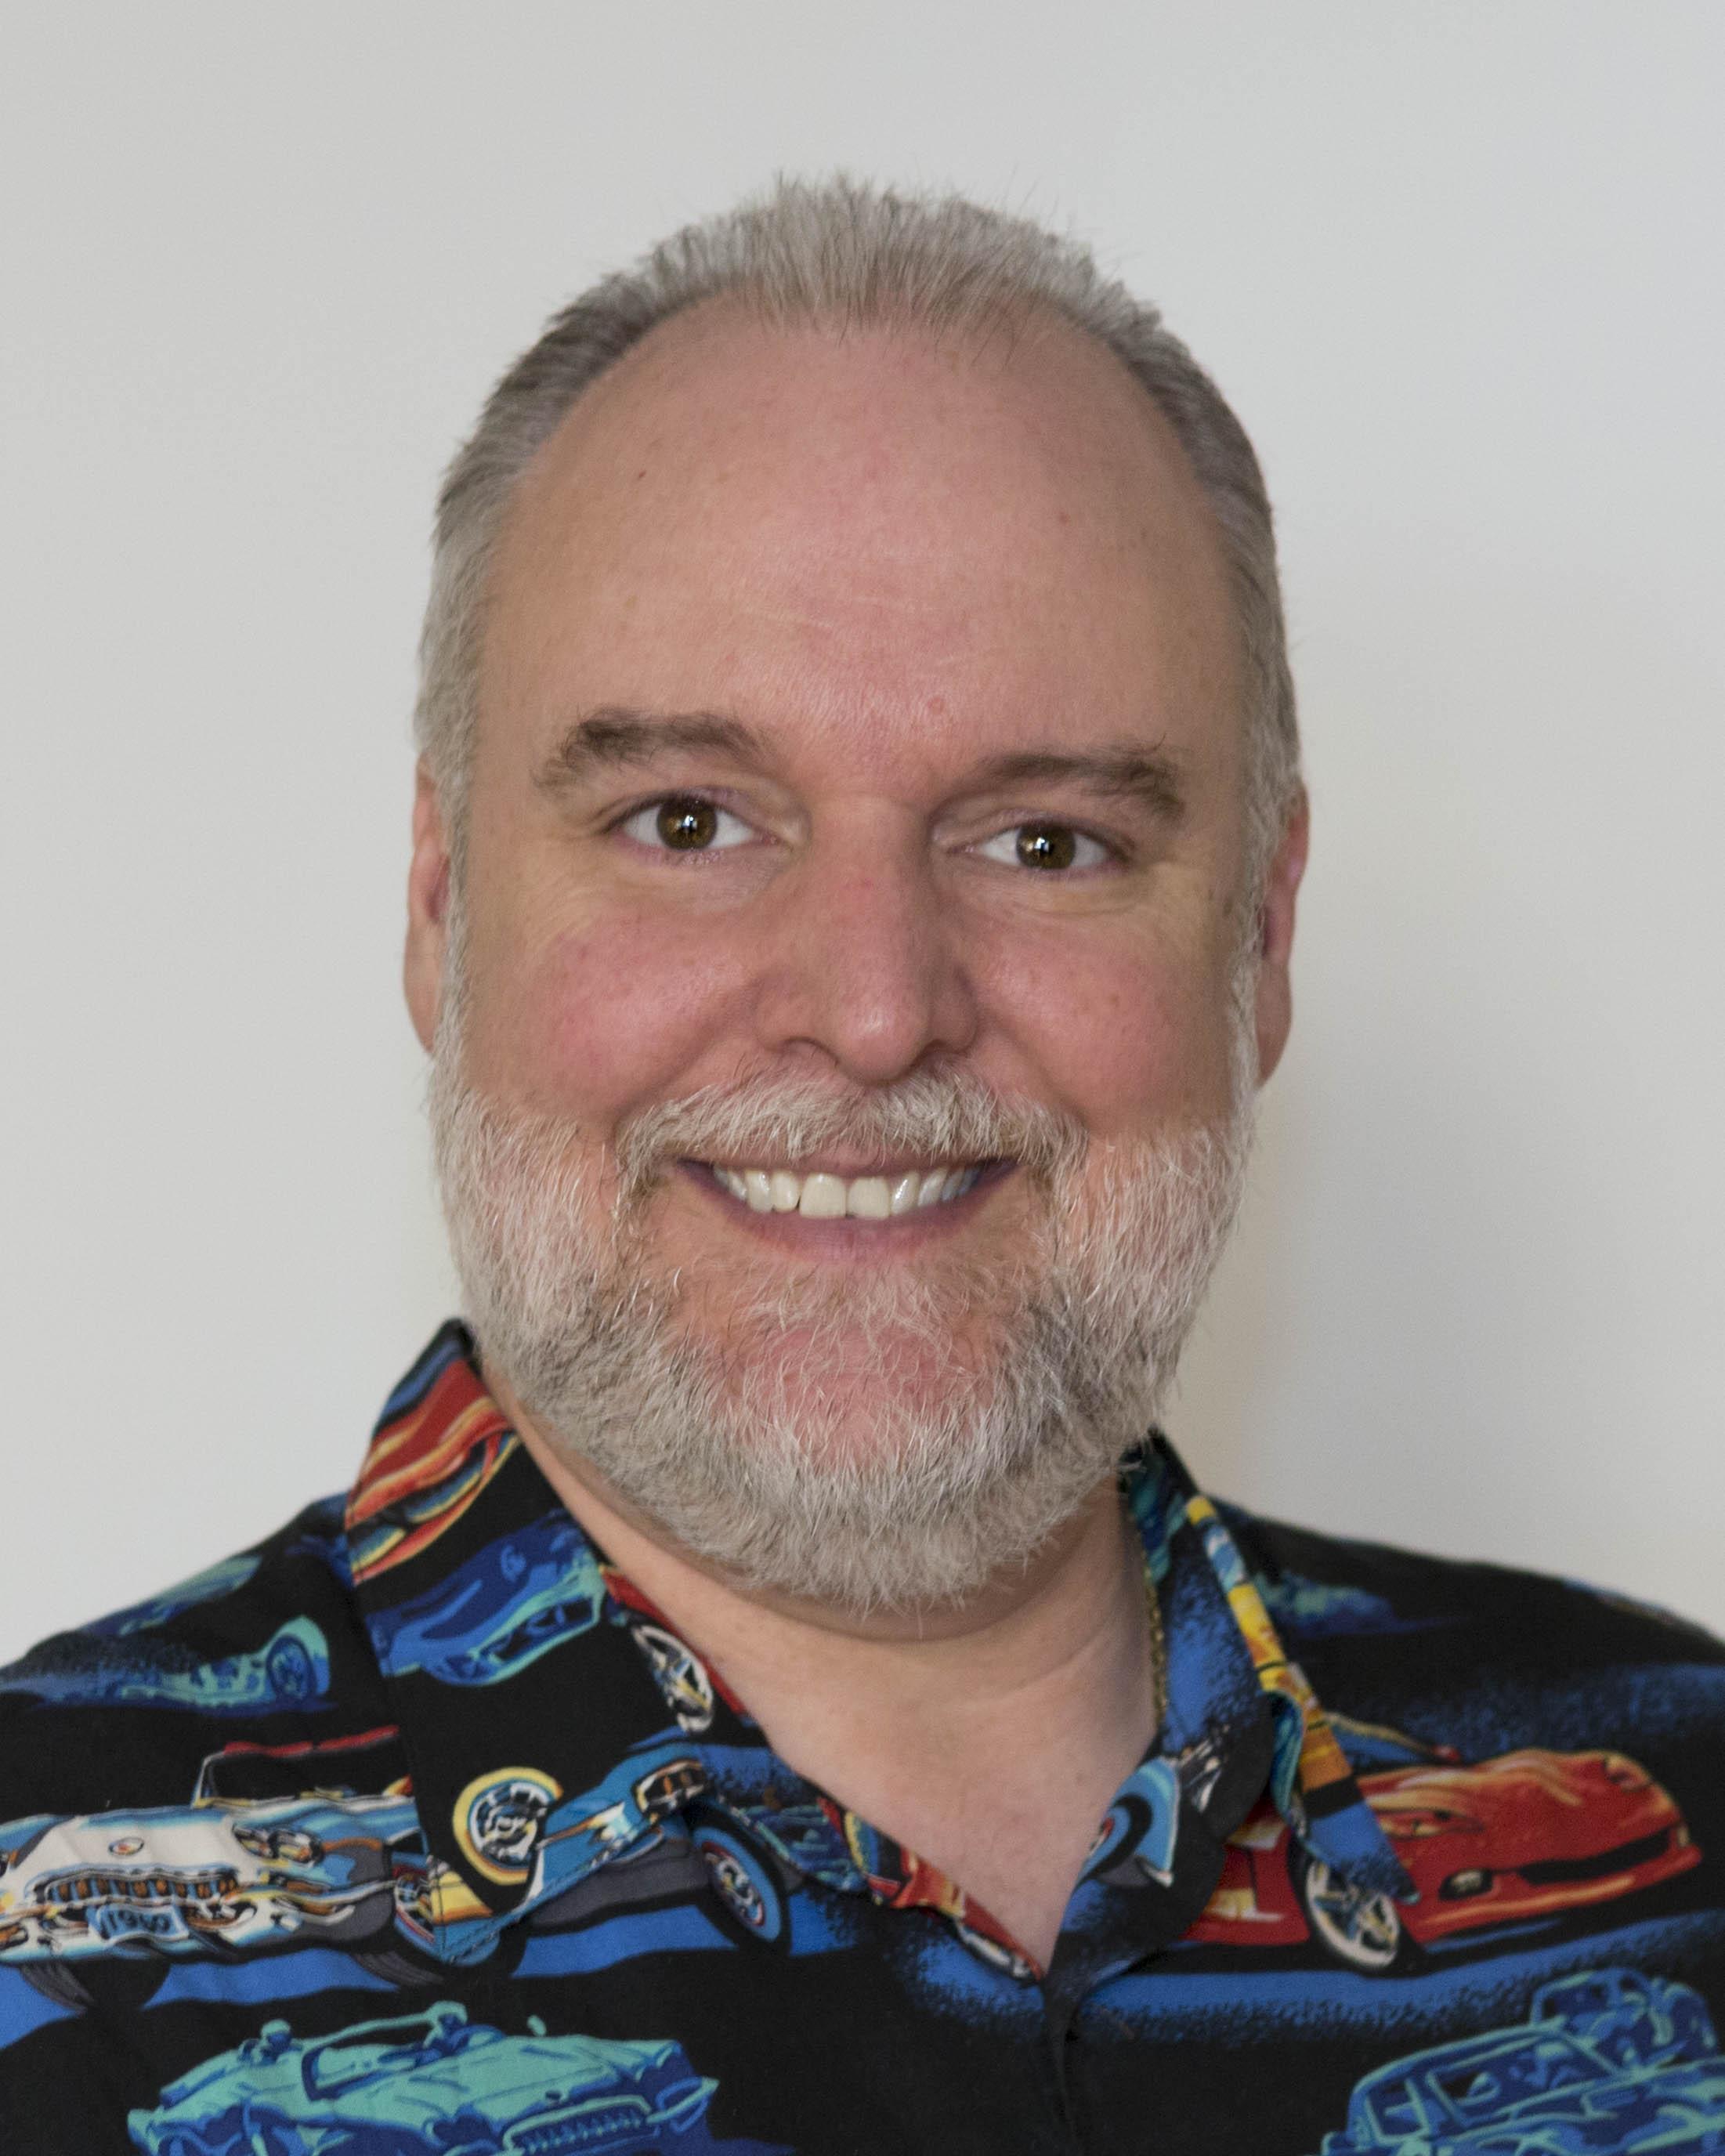 Darren McGrandle — Elder